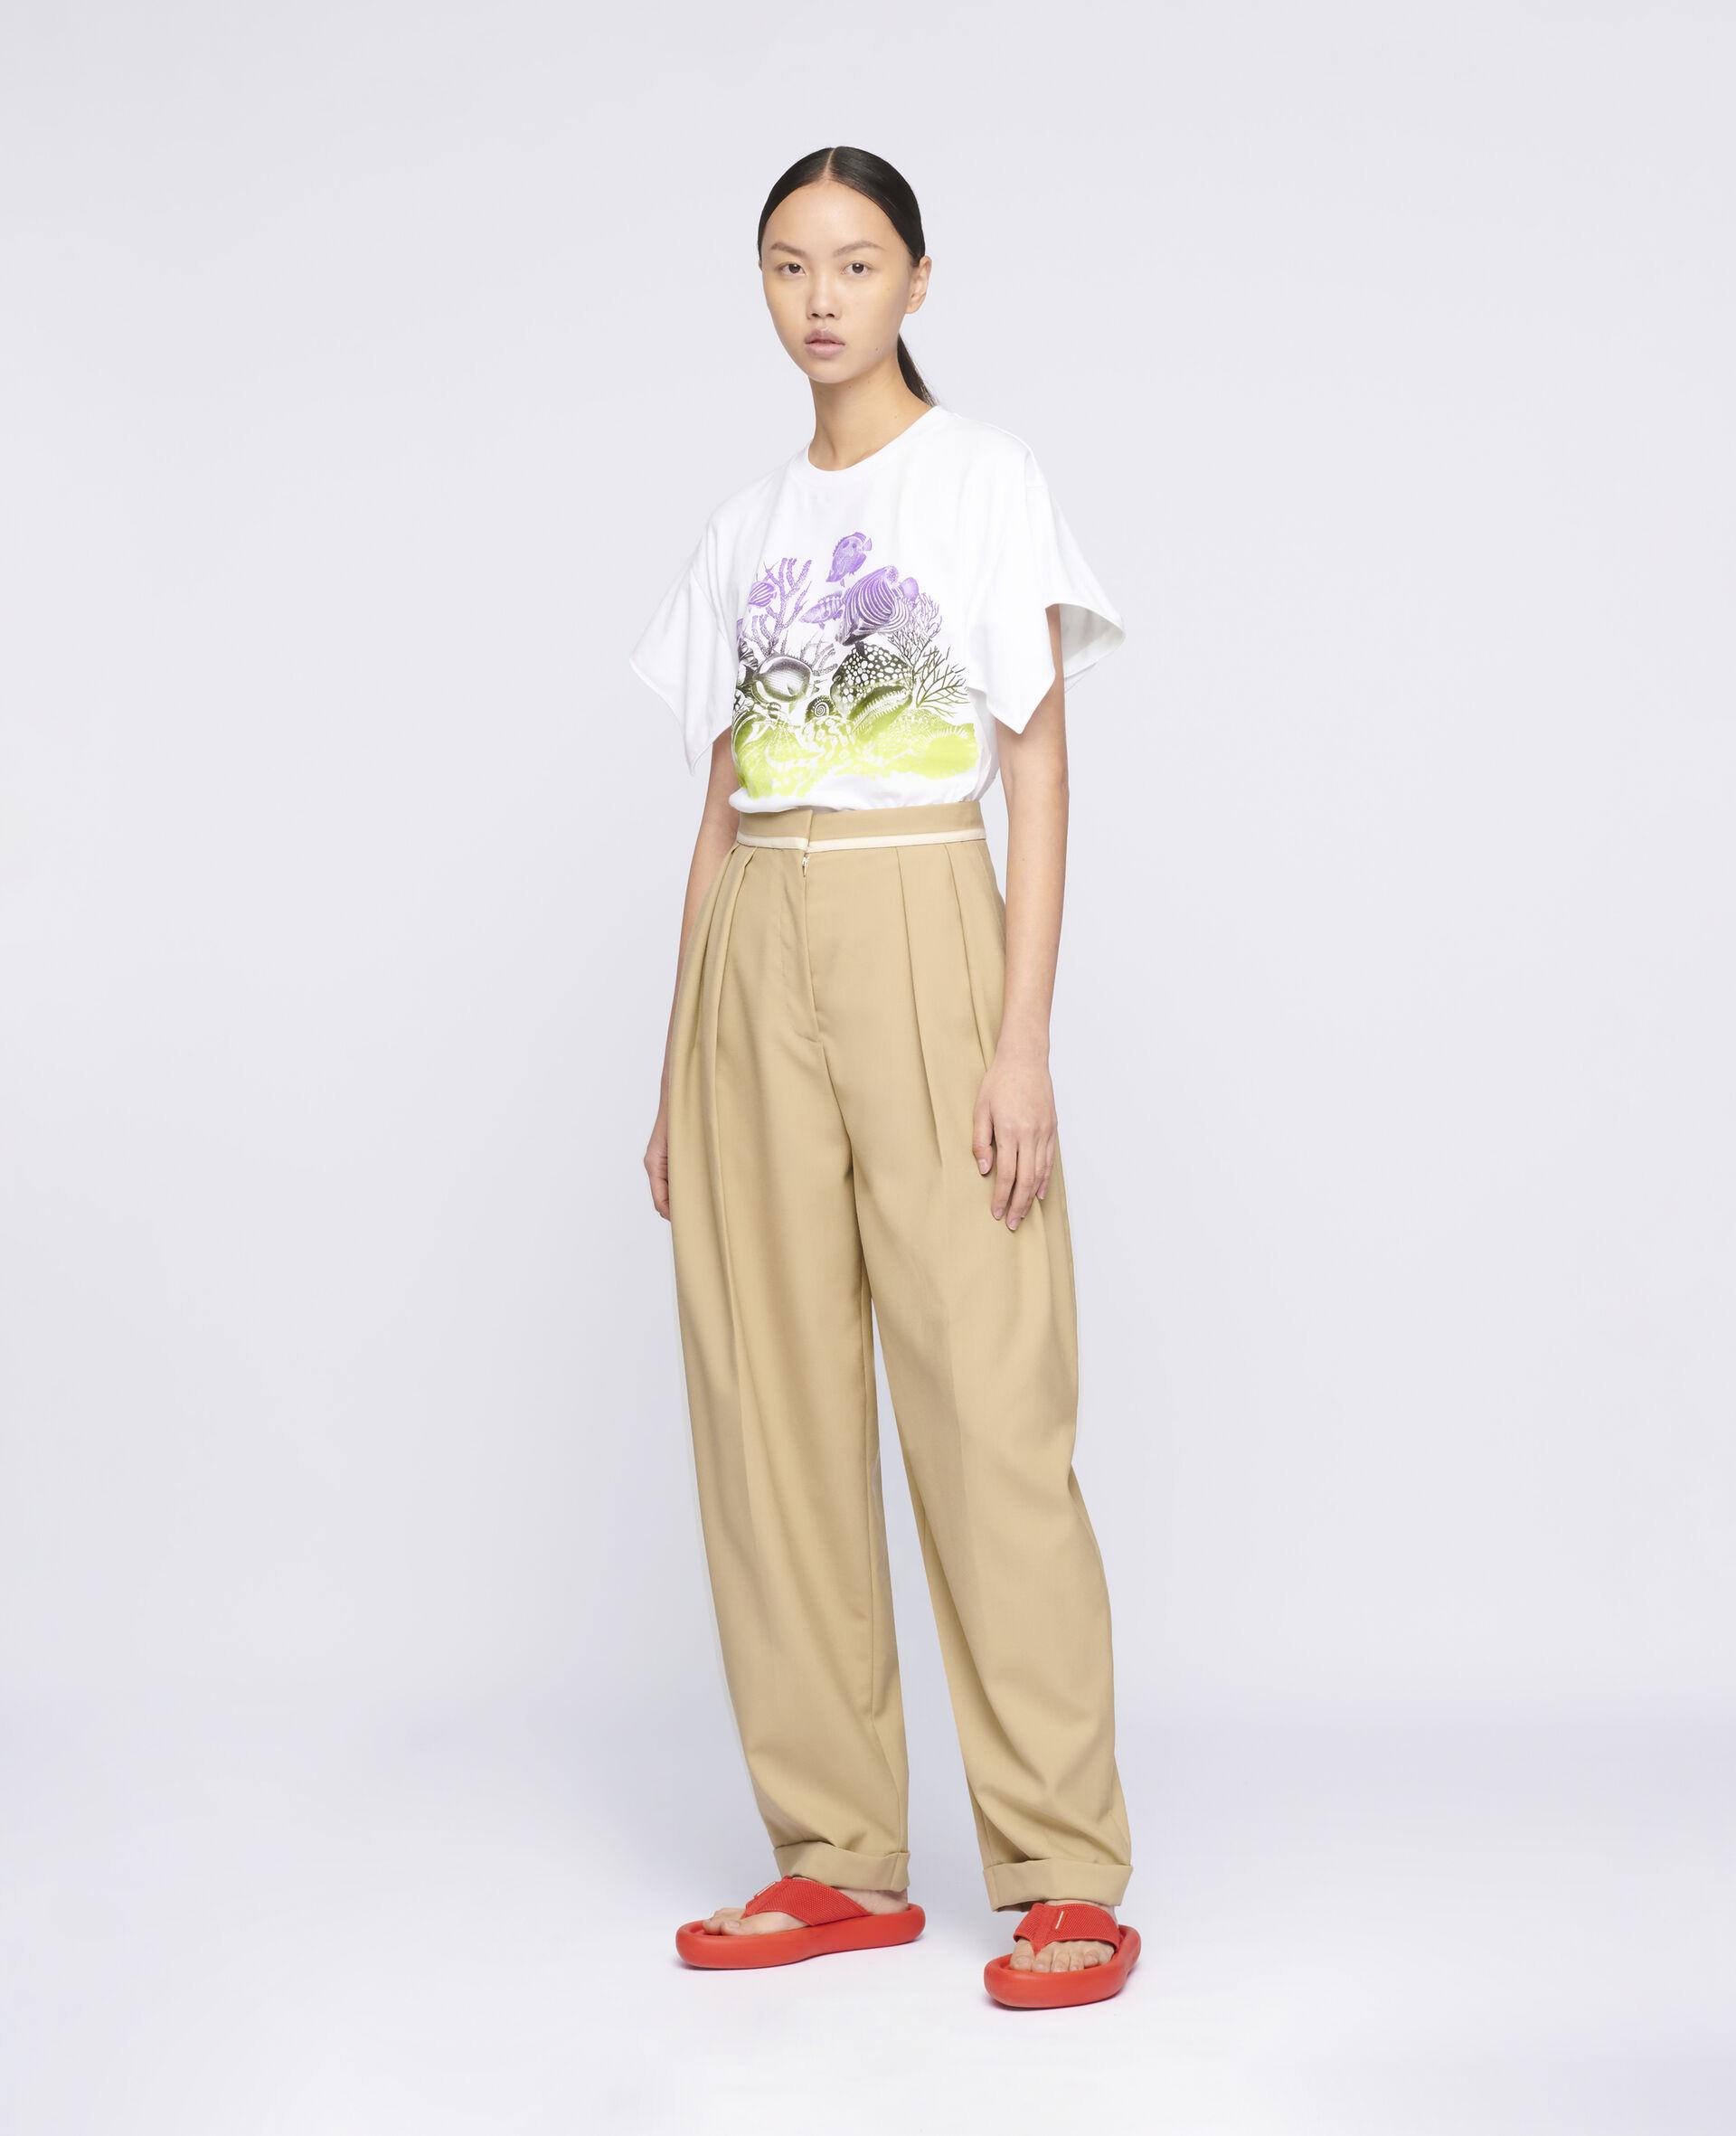 Sealife Print Cotton T-Shirt-White-large image number 1